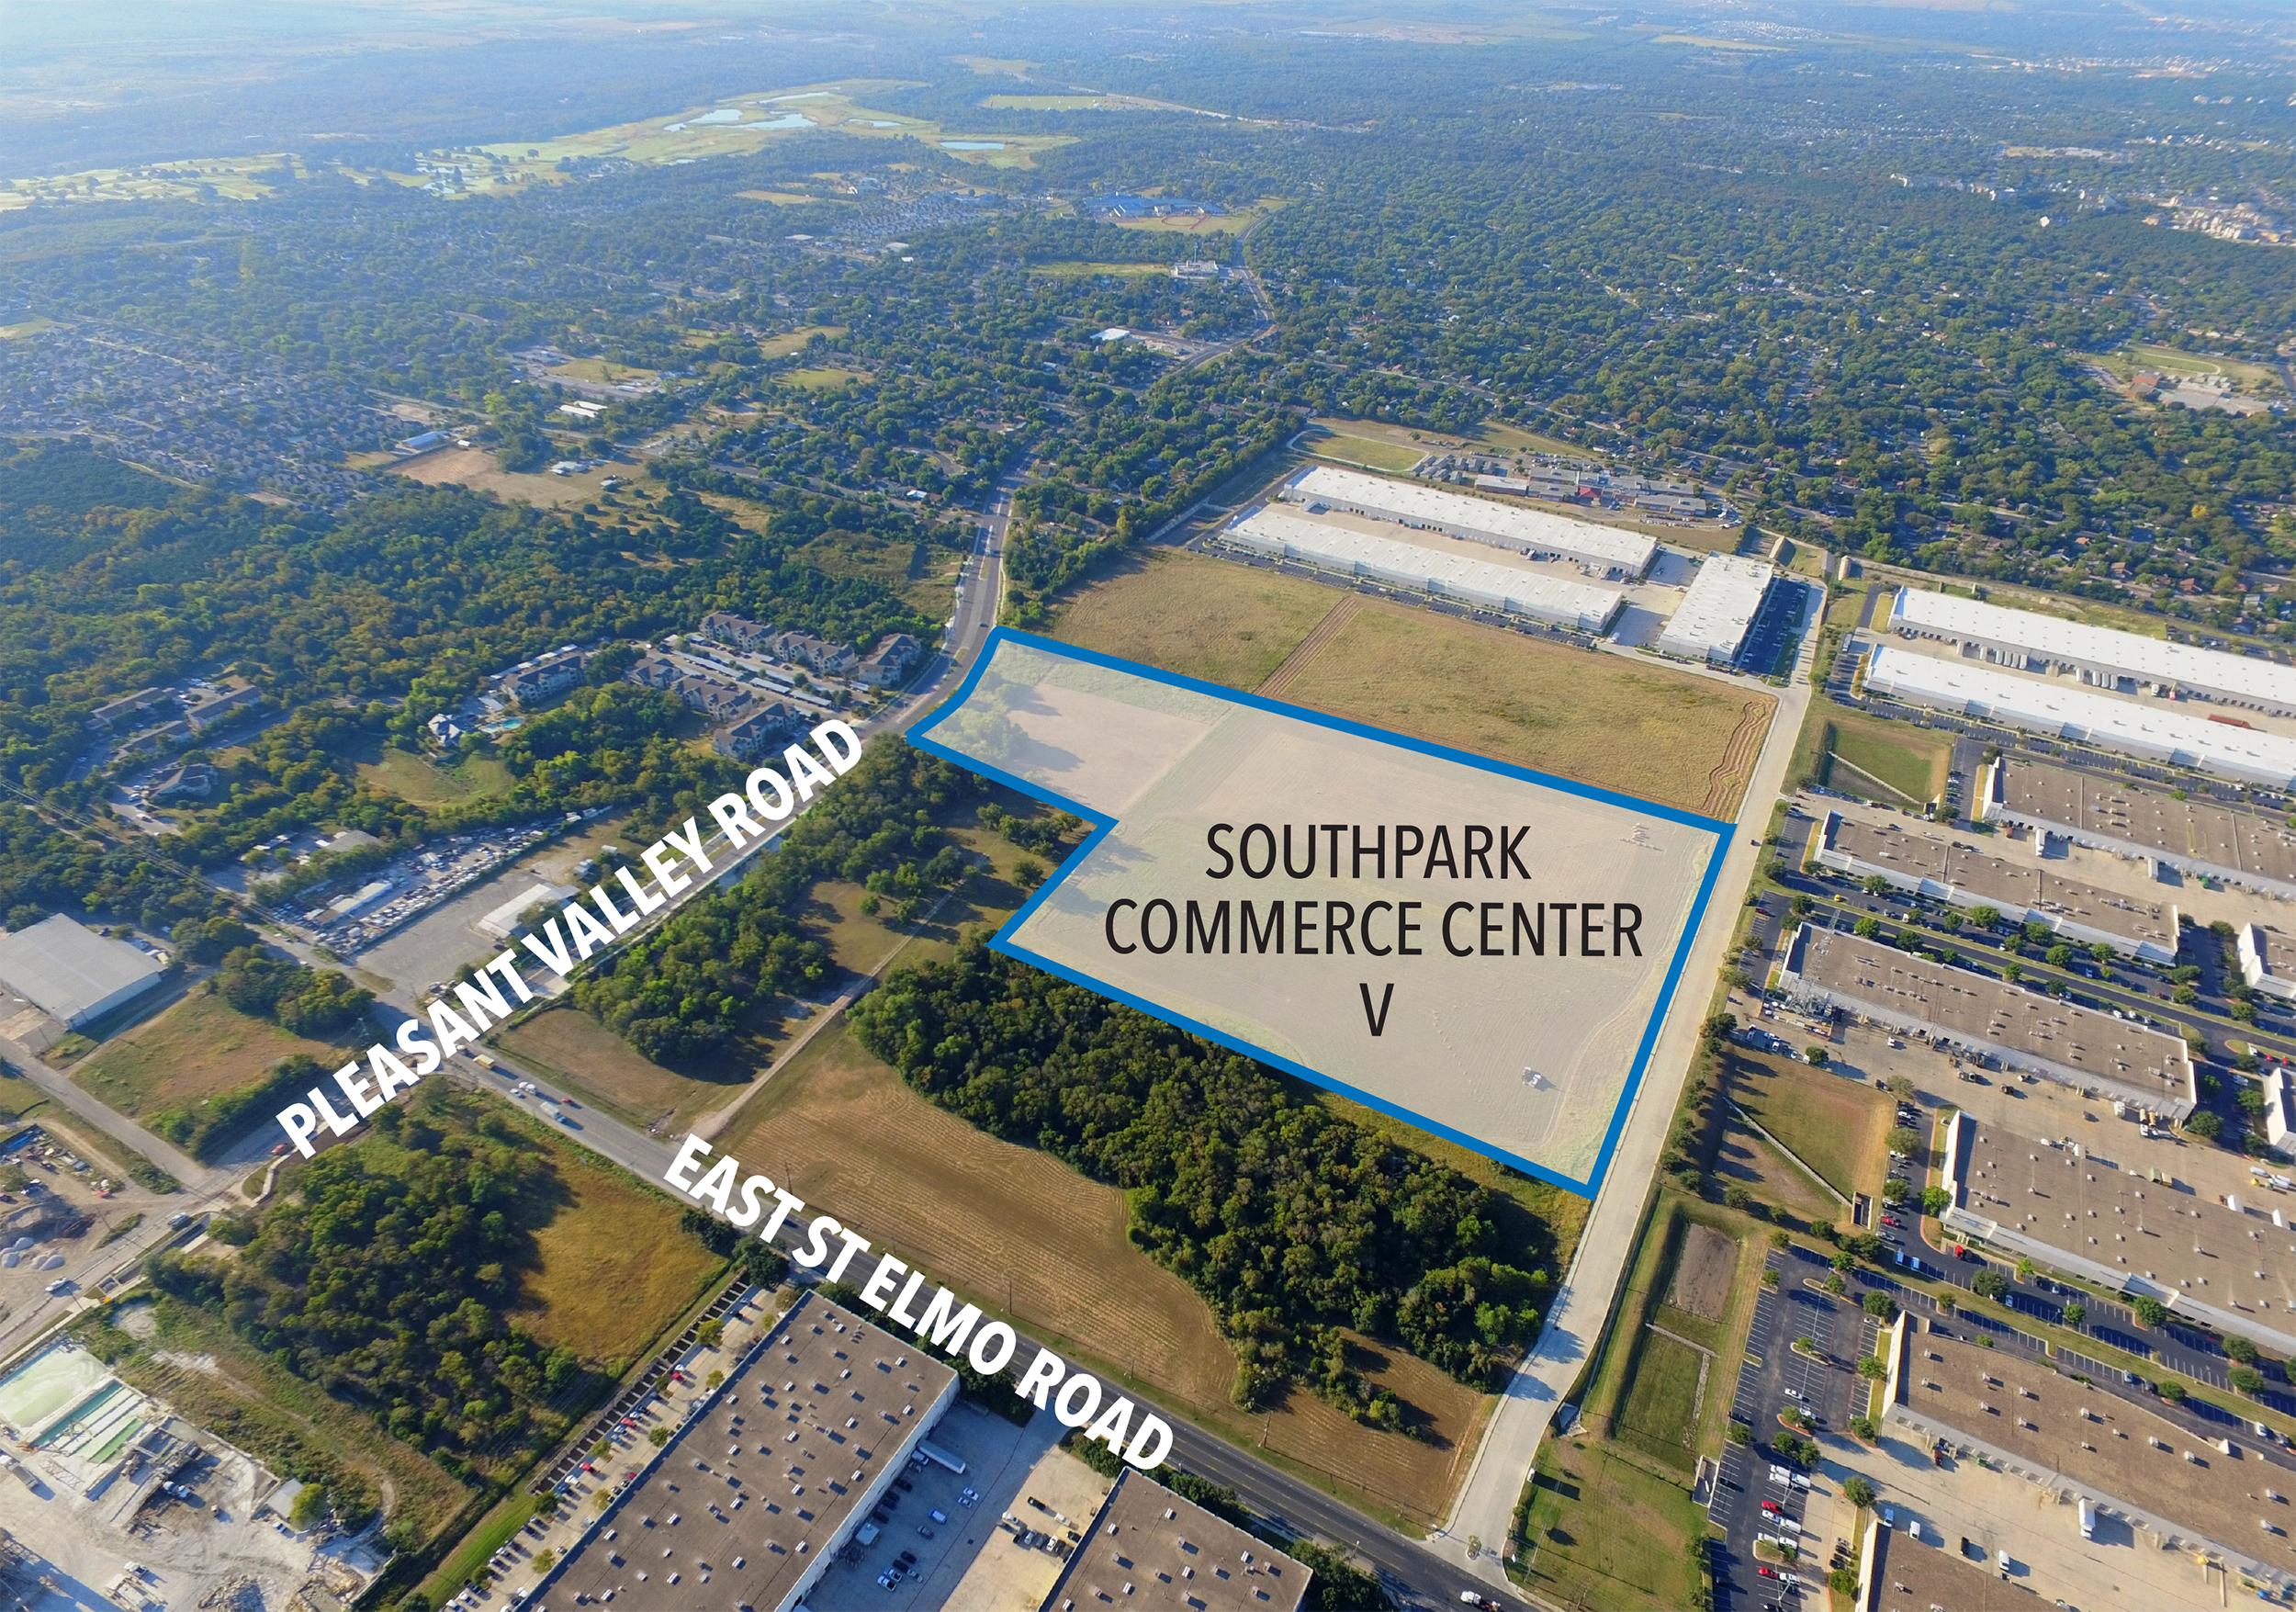 Southpark Commerce Center